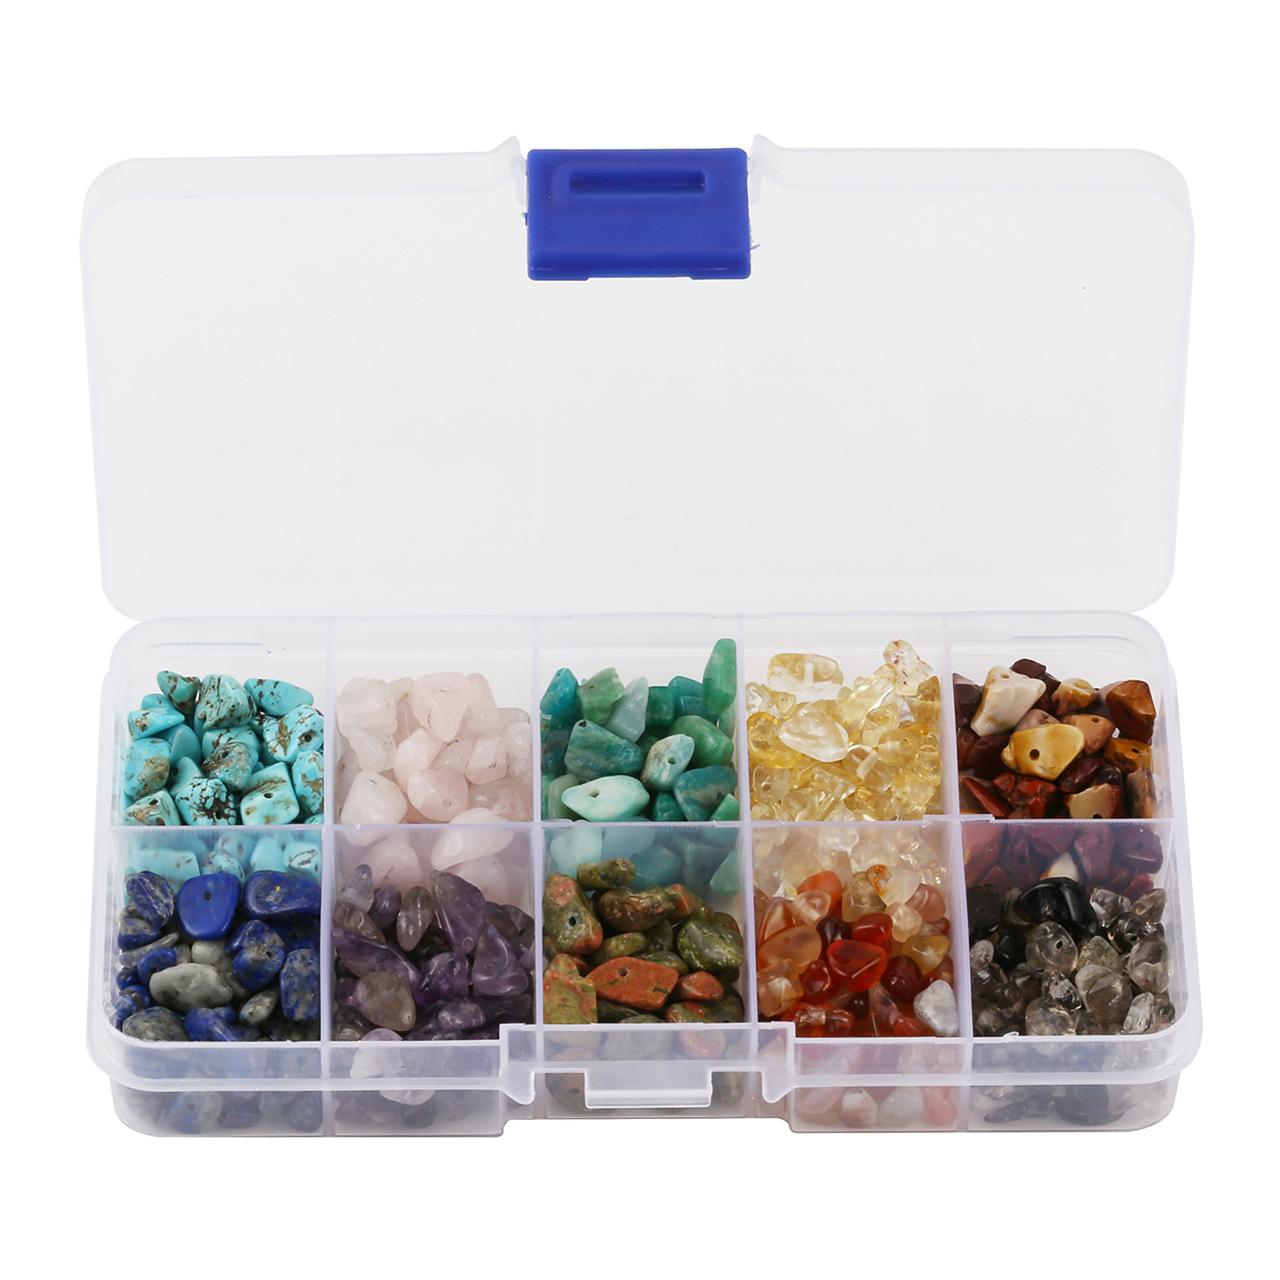 4-8mm碎石天然石 紫晶粉晶黄水晶青金石10色10格盒装组合跨境专供